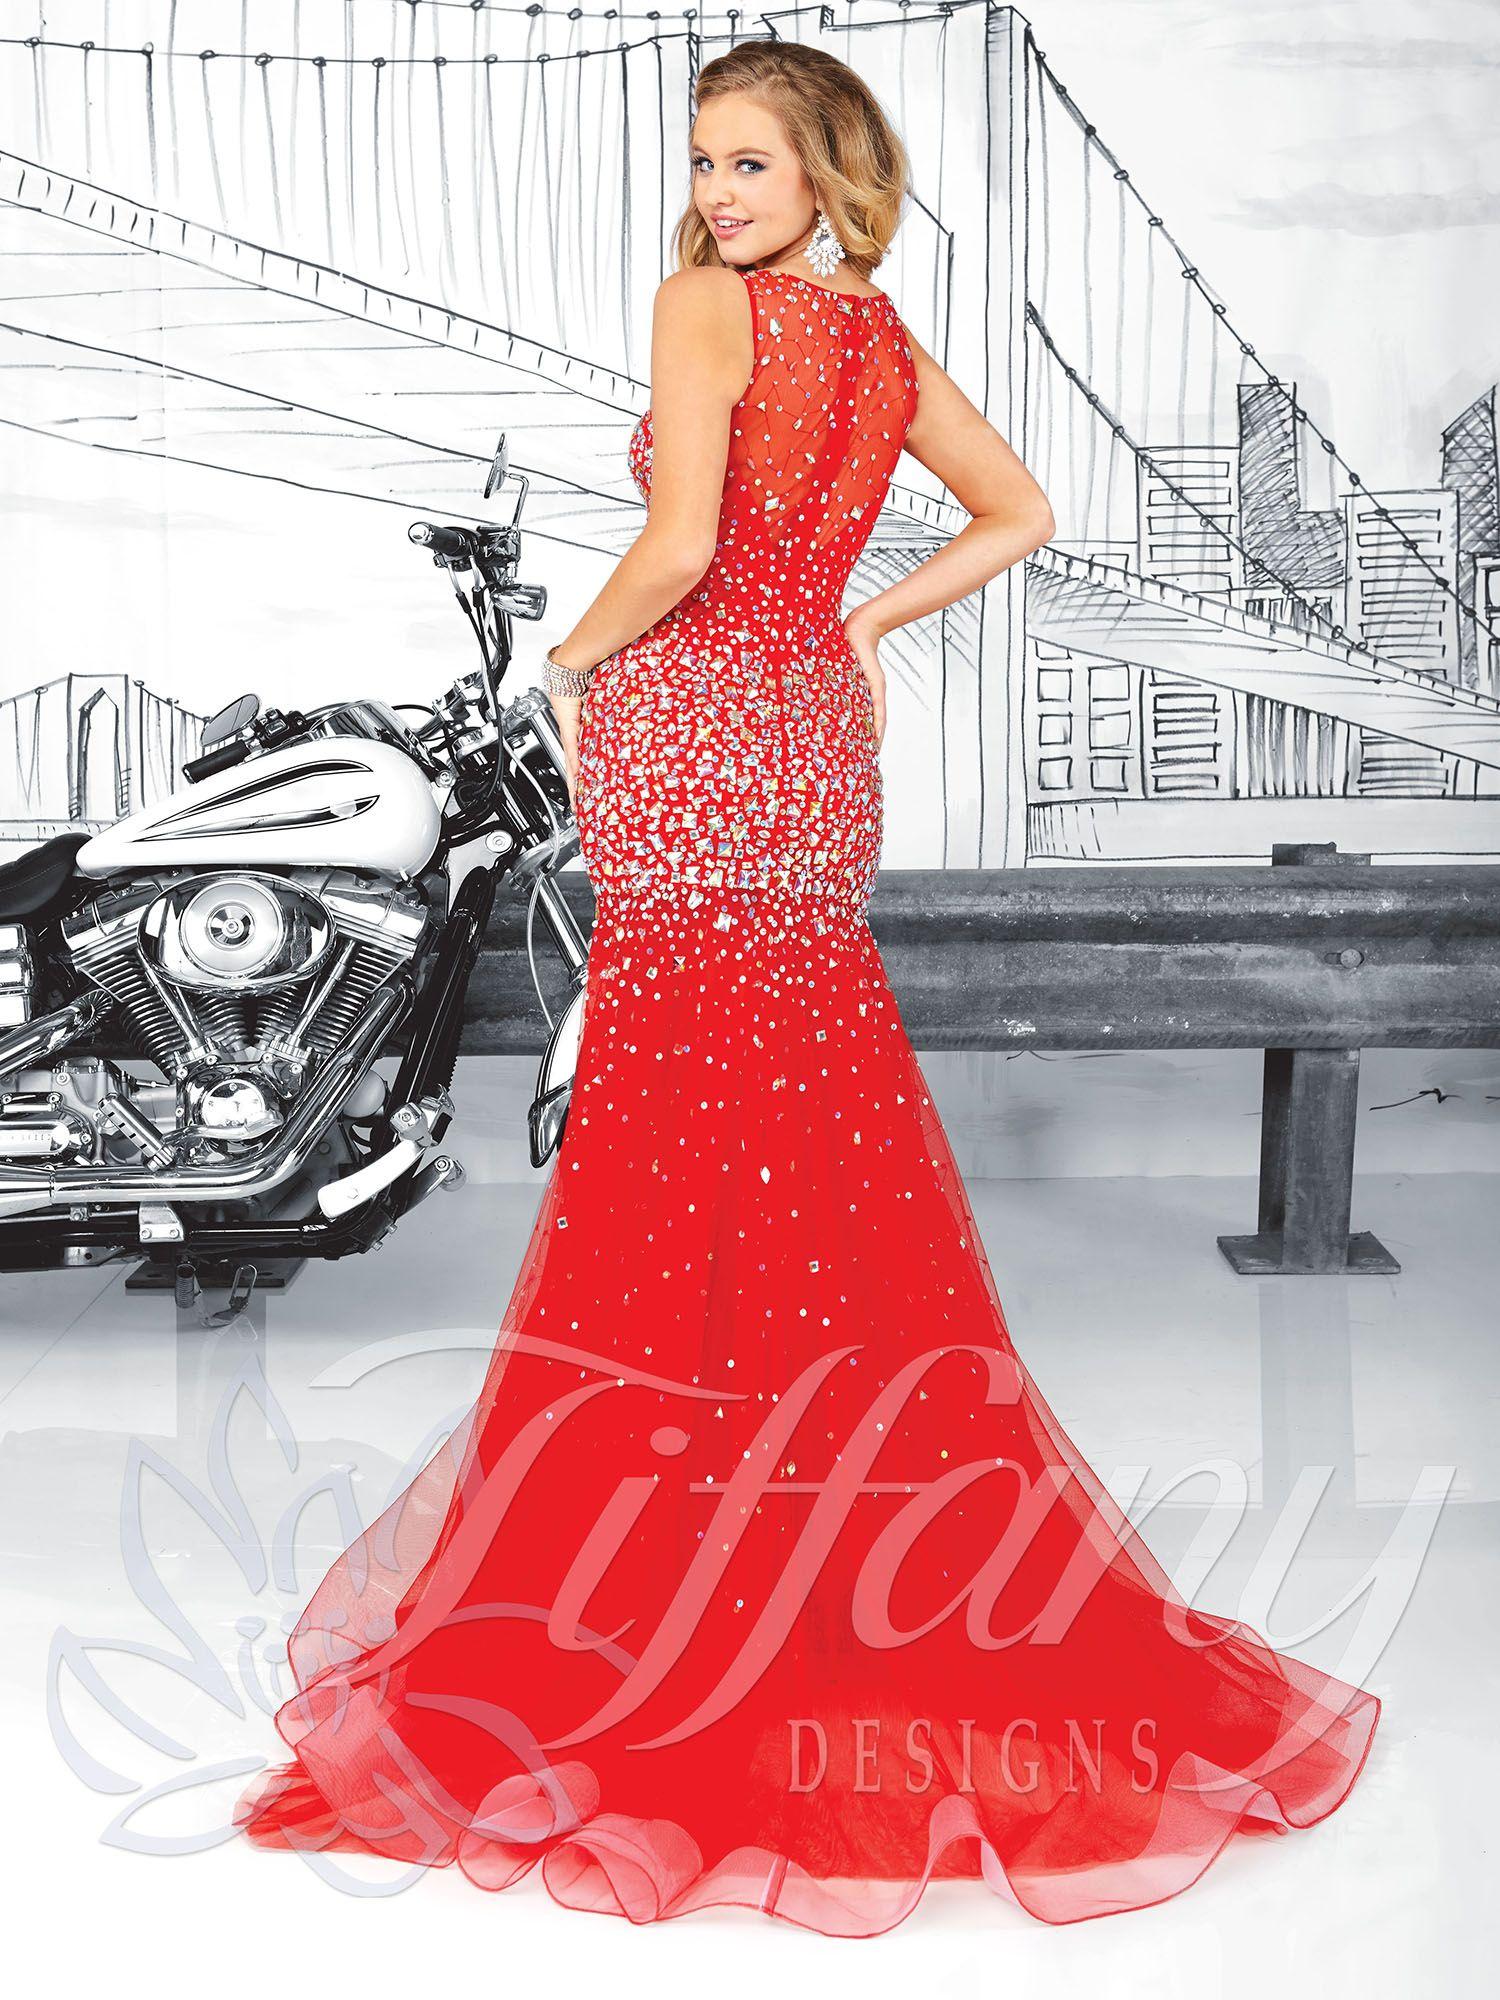 Tiffany designs prom dress bateau neckline rhinestones